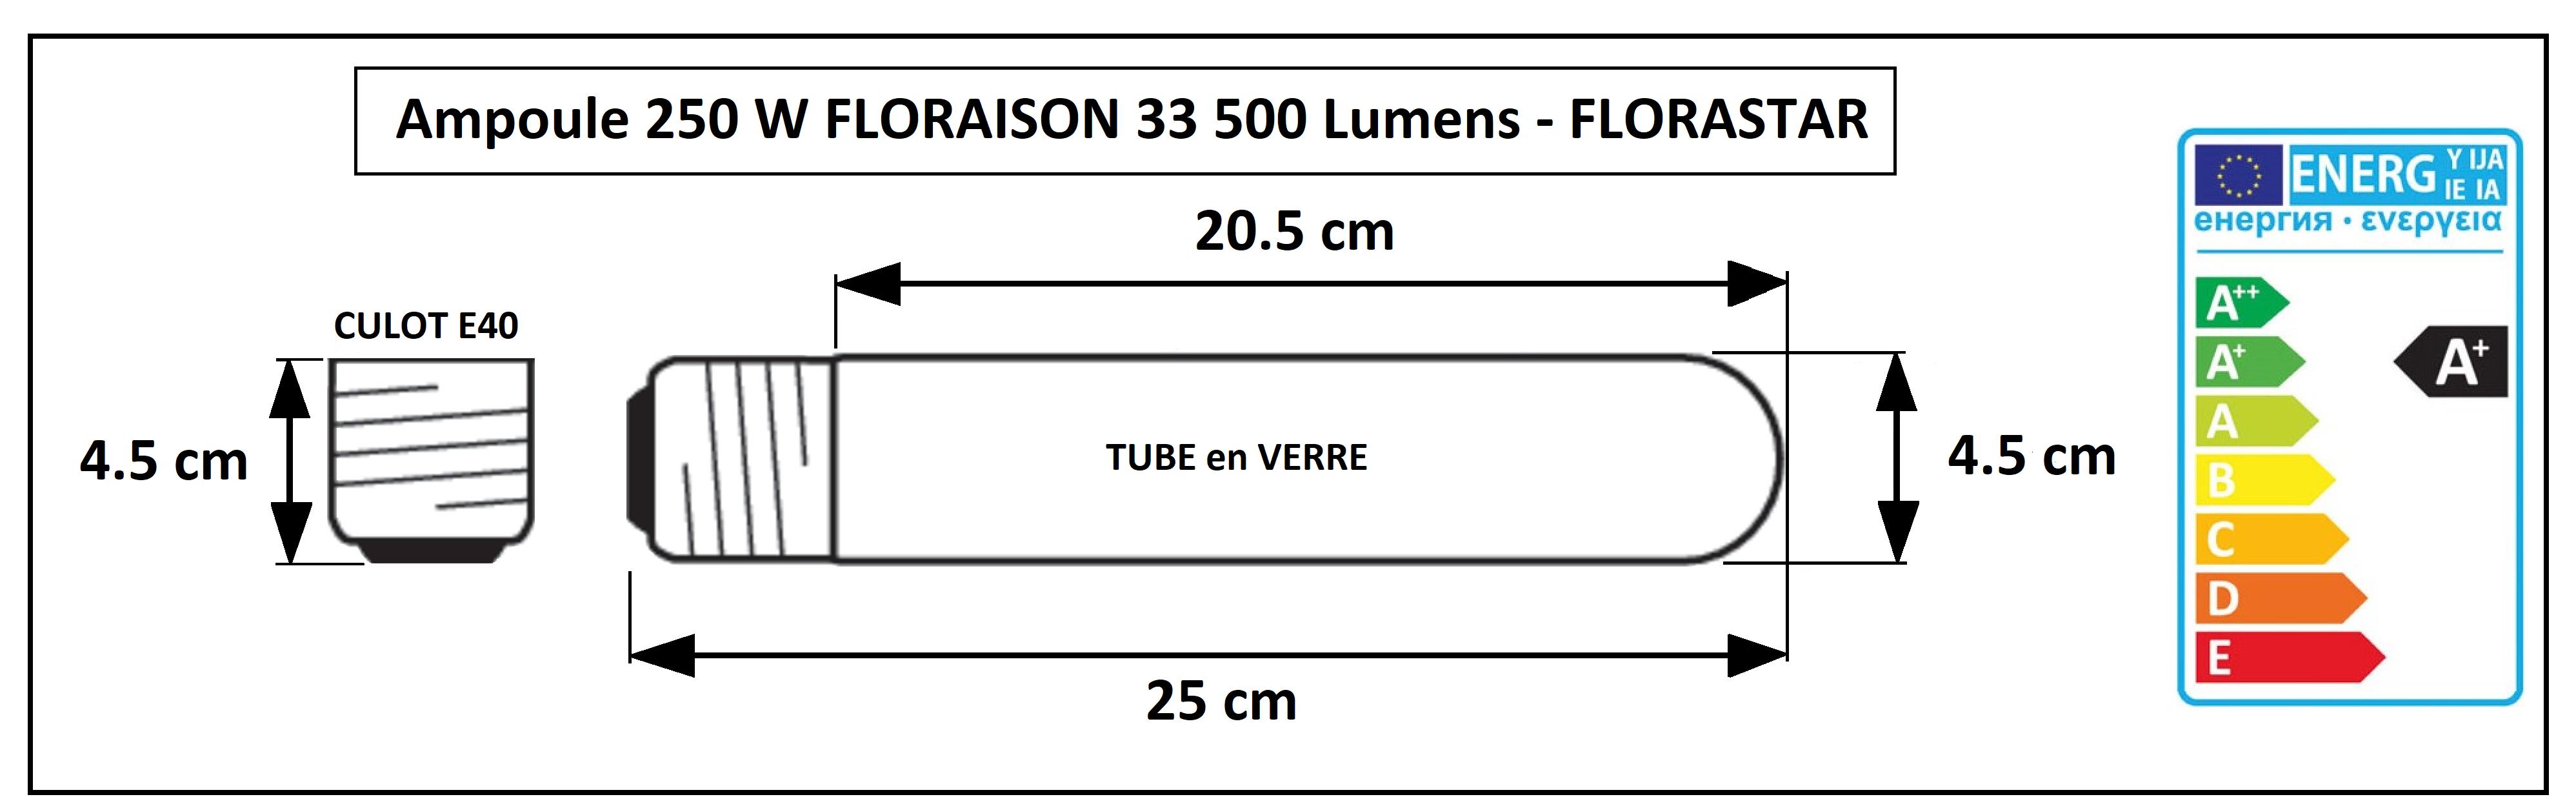 Caractéristiques de l'ampoule HRO 250W de floraison